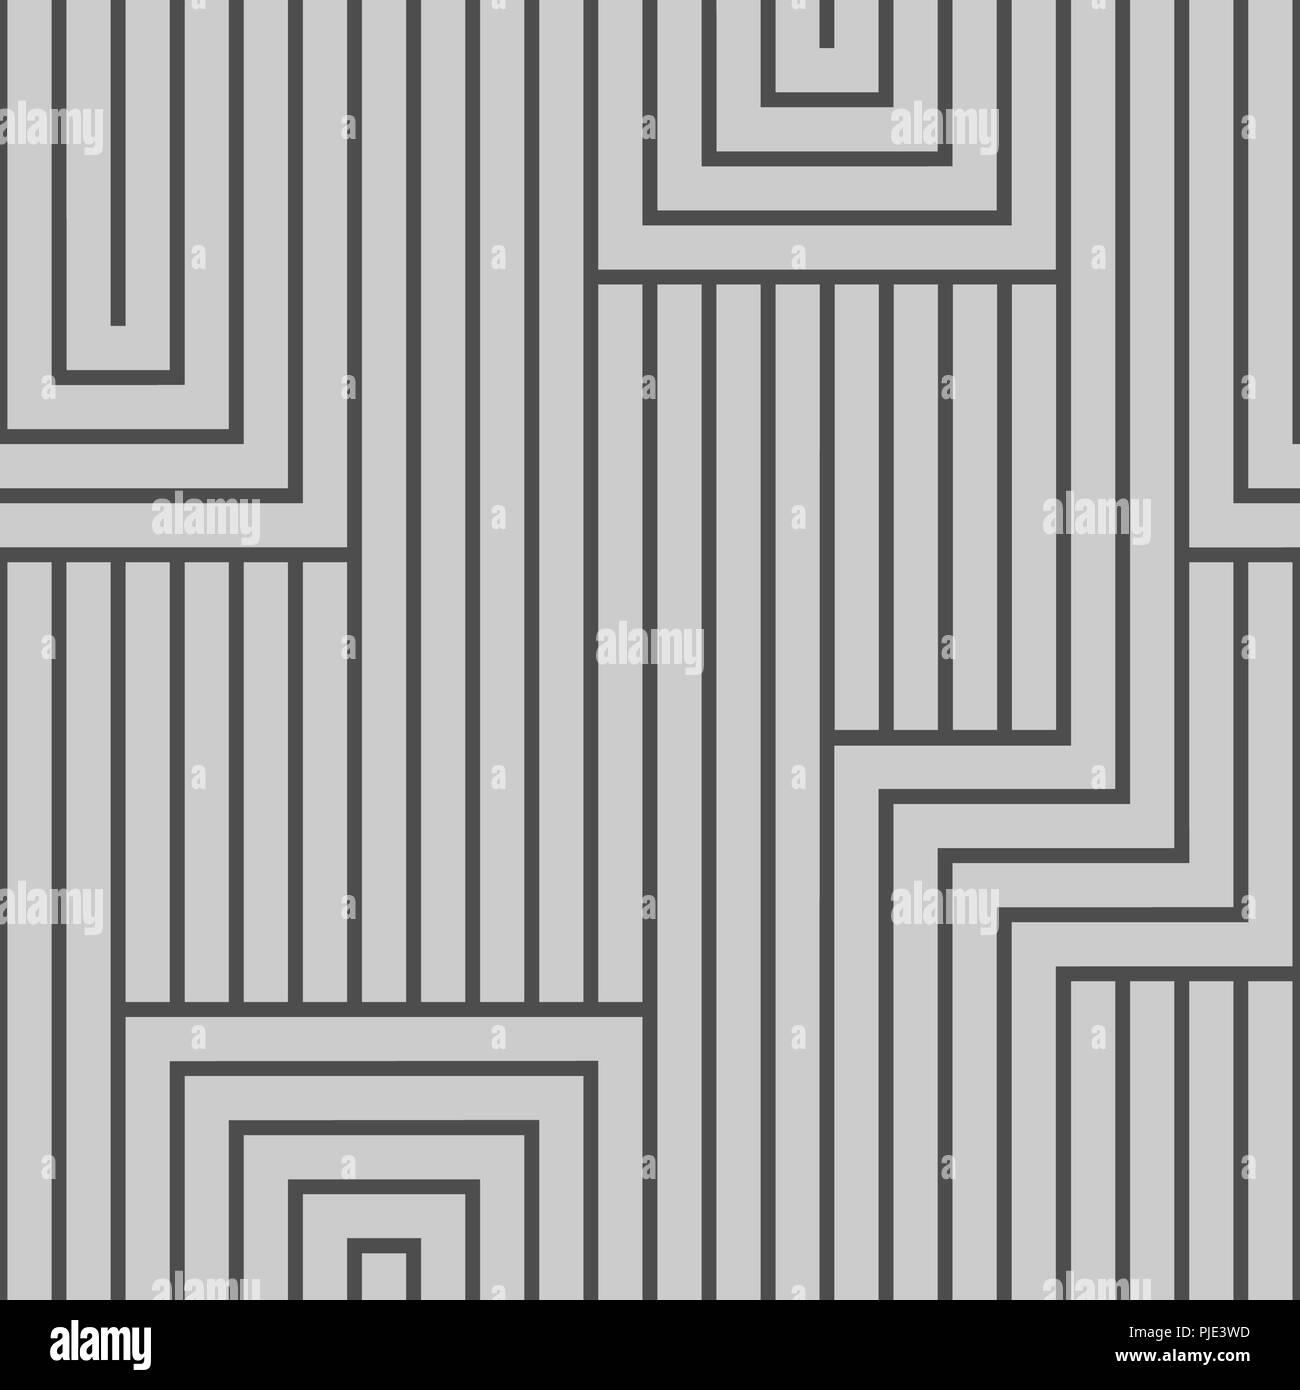 Schwarz Mit Weissen Linien Abstraktes Muster